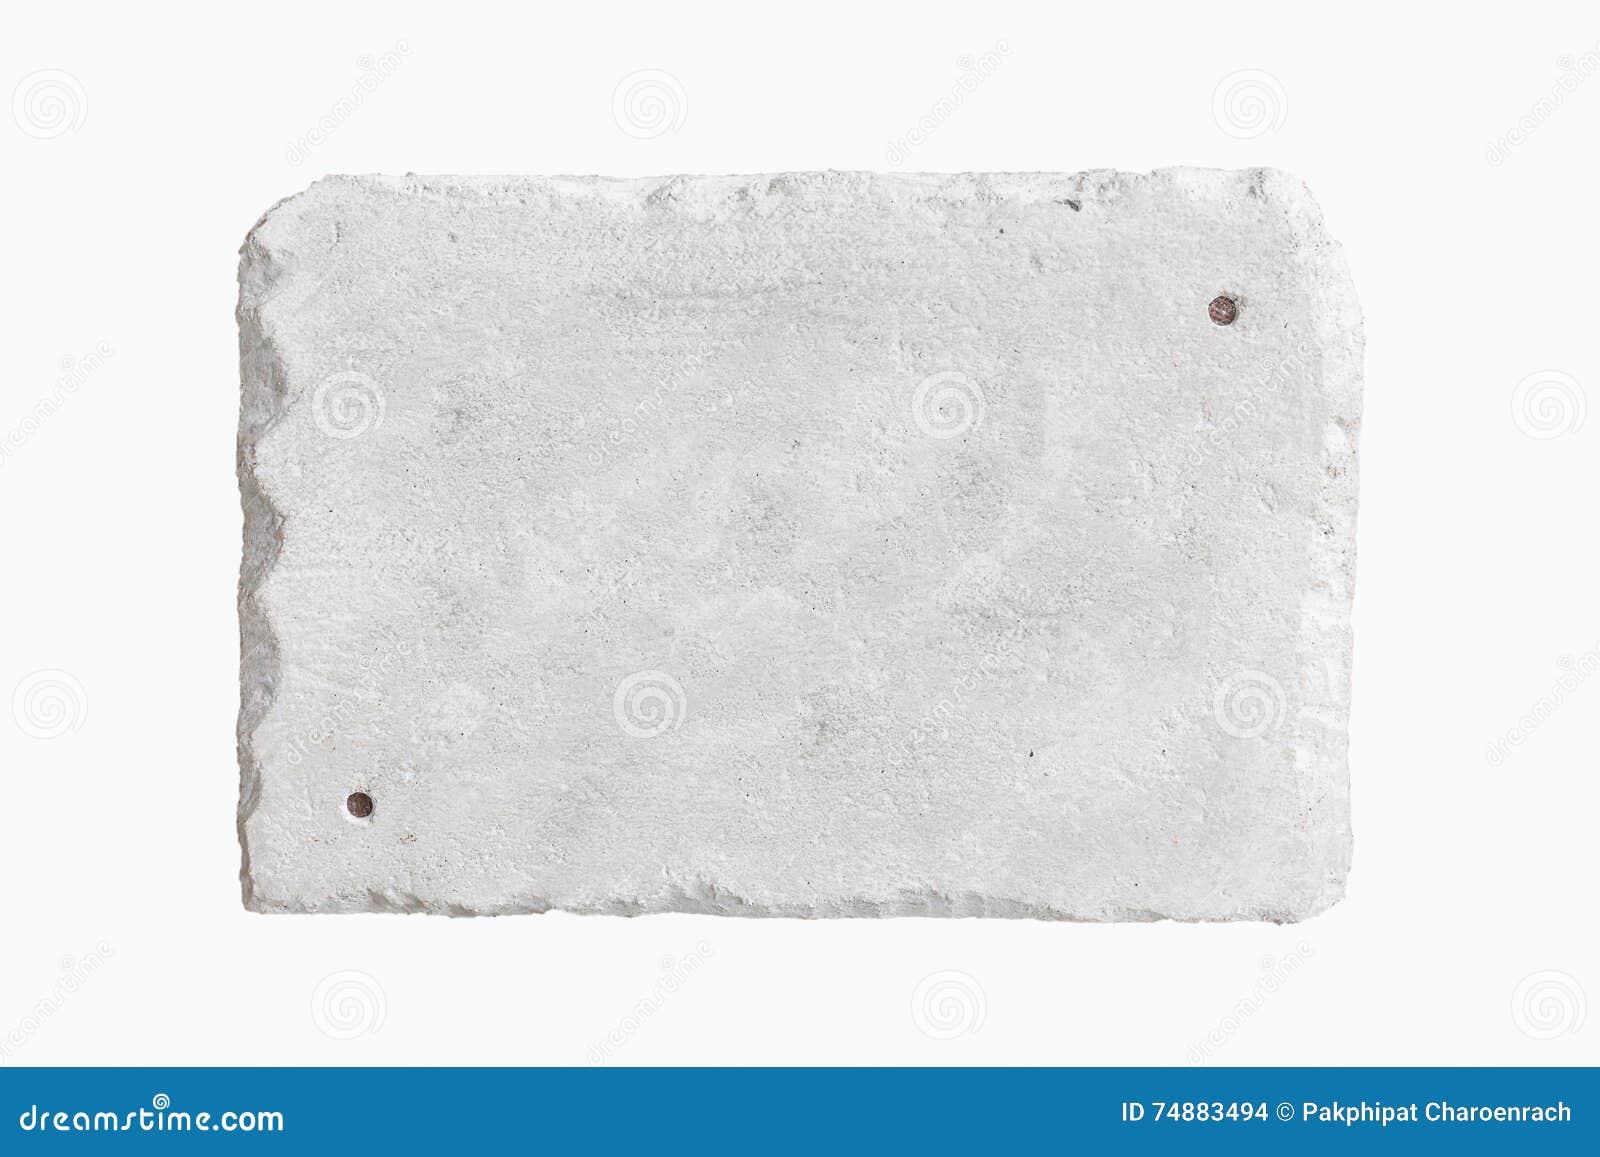 Bloco de cimento usado como o material na estrutura da construção - Iso